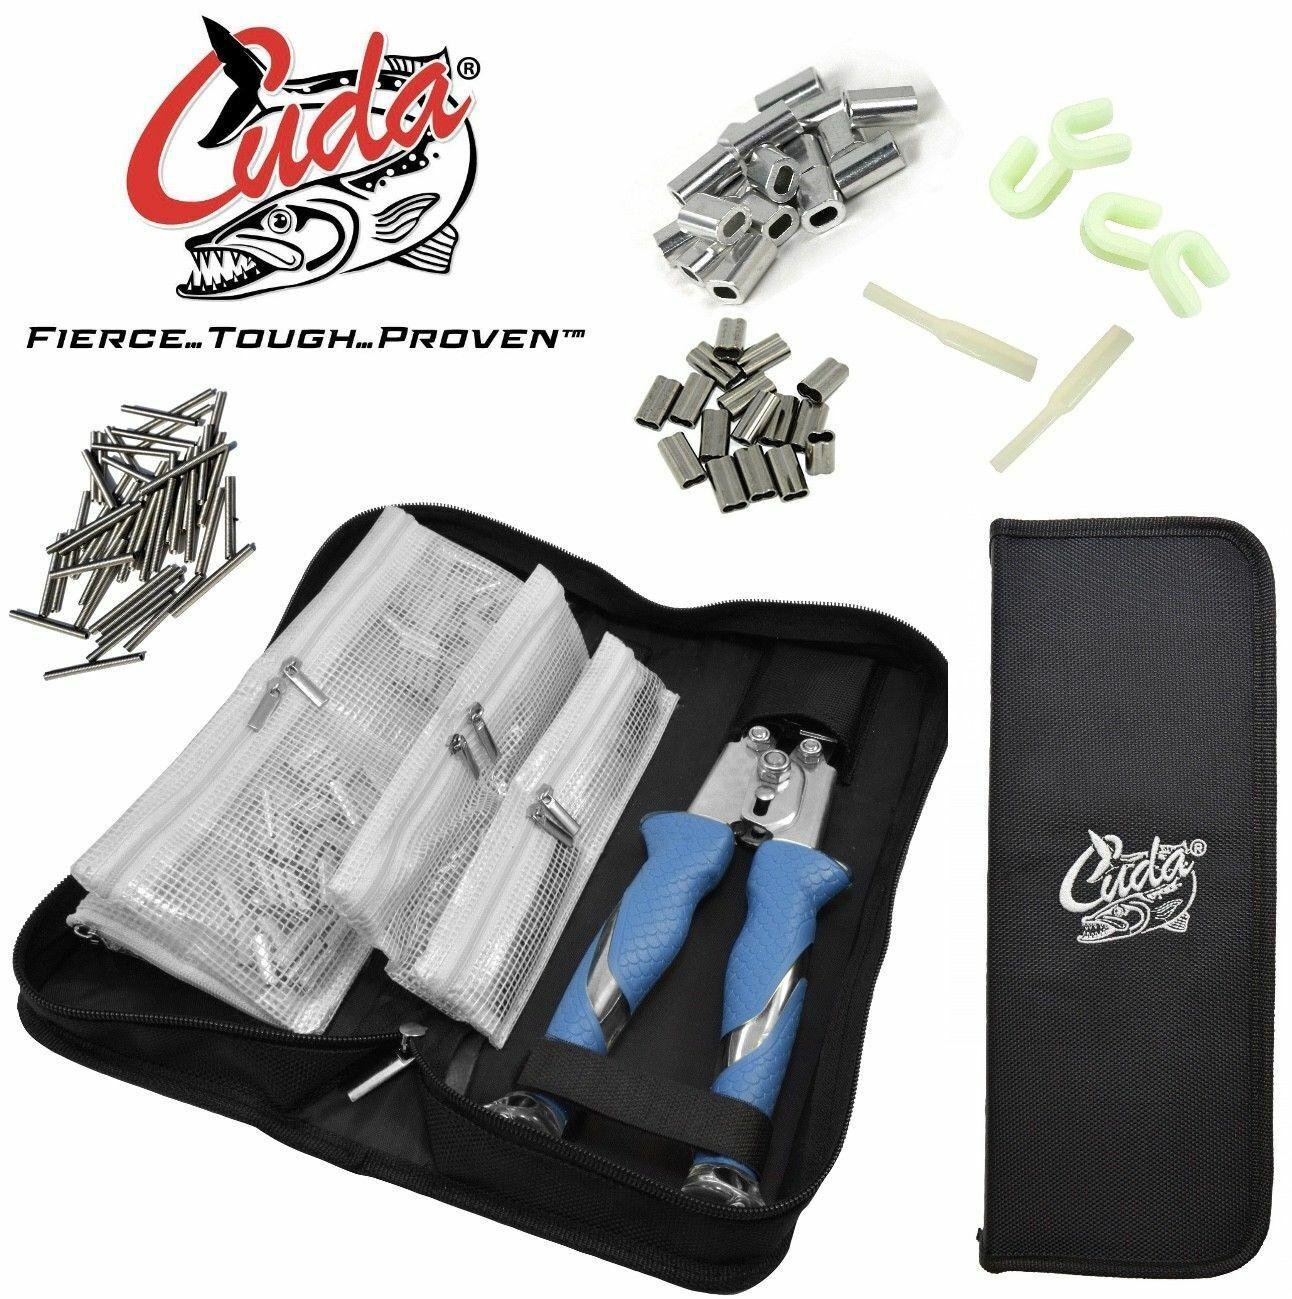 CUDA crimping struuominito 11 TITANIUM Bonded CRIMPER & accessoriES KIT